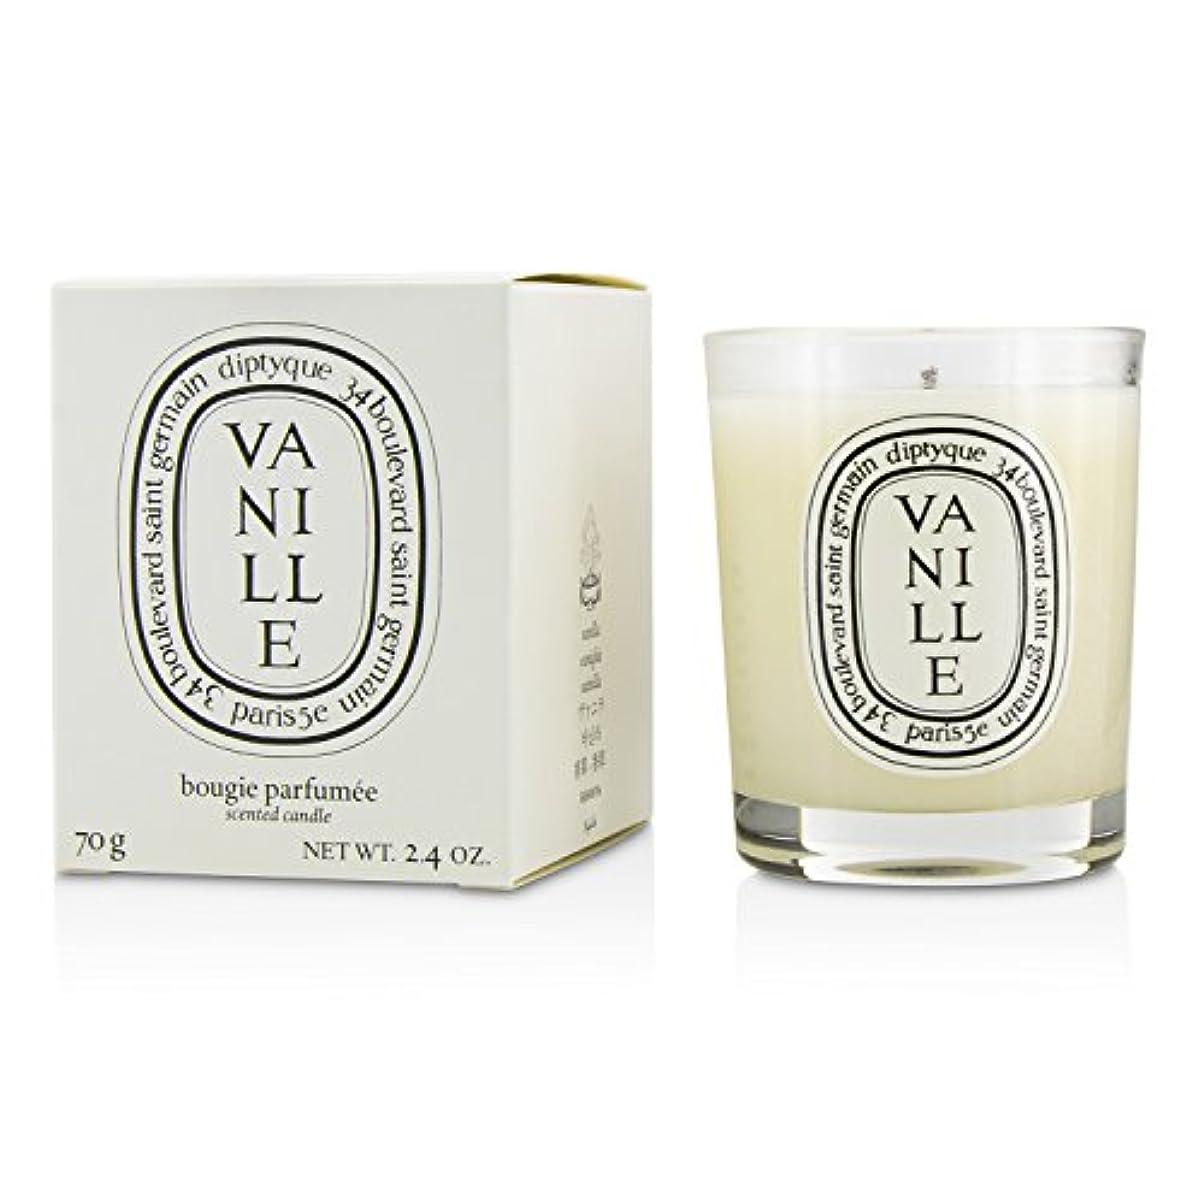 歌詞まぶしさ編集者ディプティック Scented Candle - Vanille (Vanilla) 70g/2.4oz並行輸入品